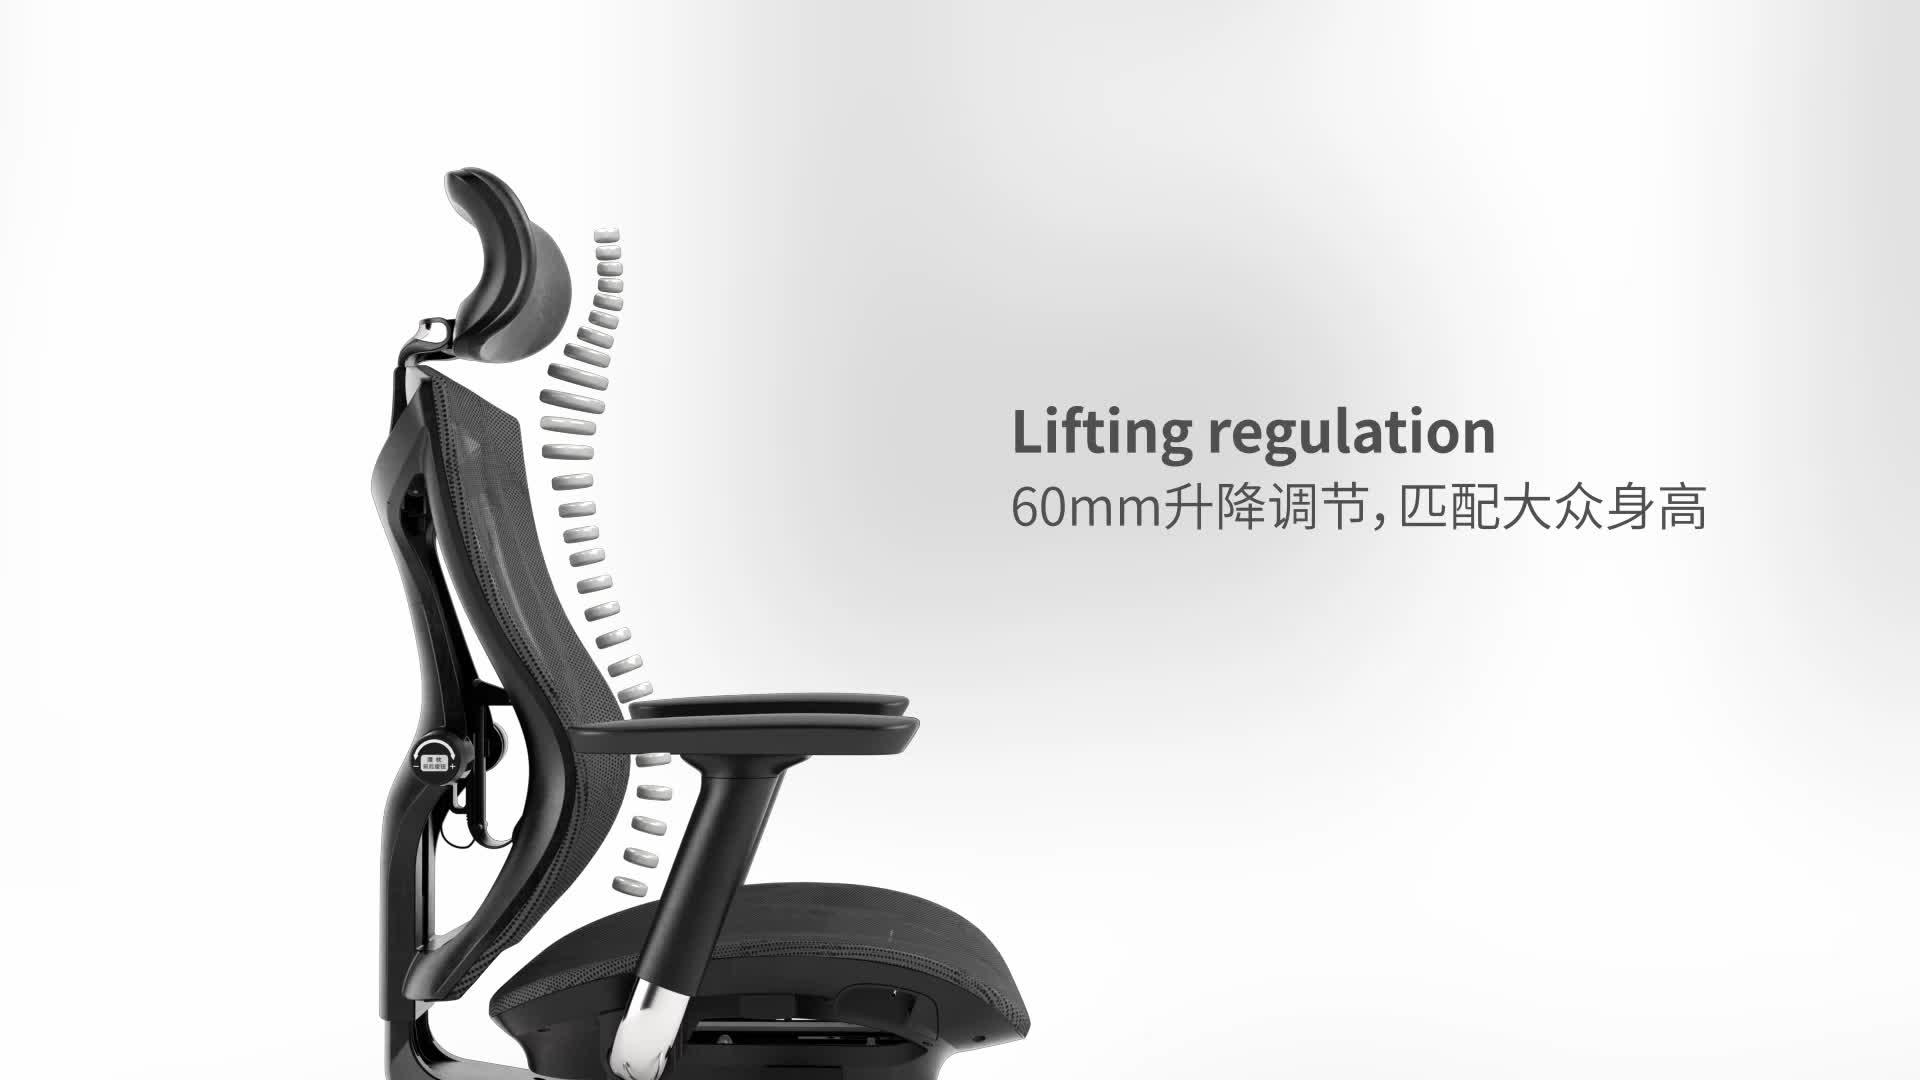 2020 confortable design moderne Maille chaise de bureau et chaise de bureau ergonomique exécutif chaise de bureau pour le patron et les gestionnaires